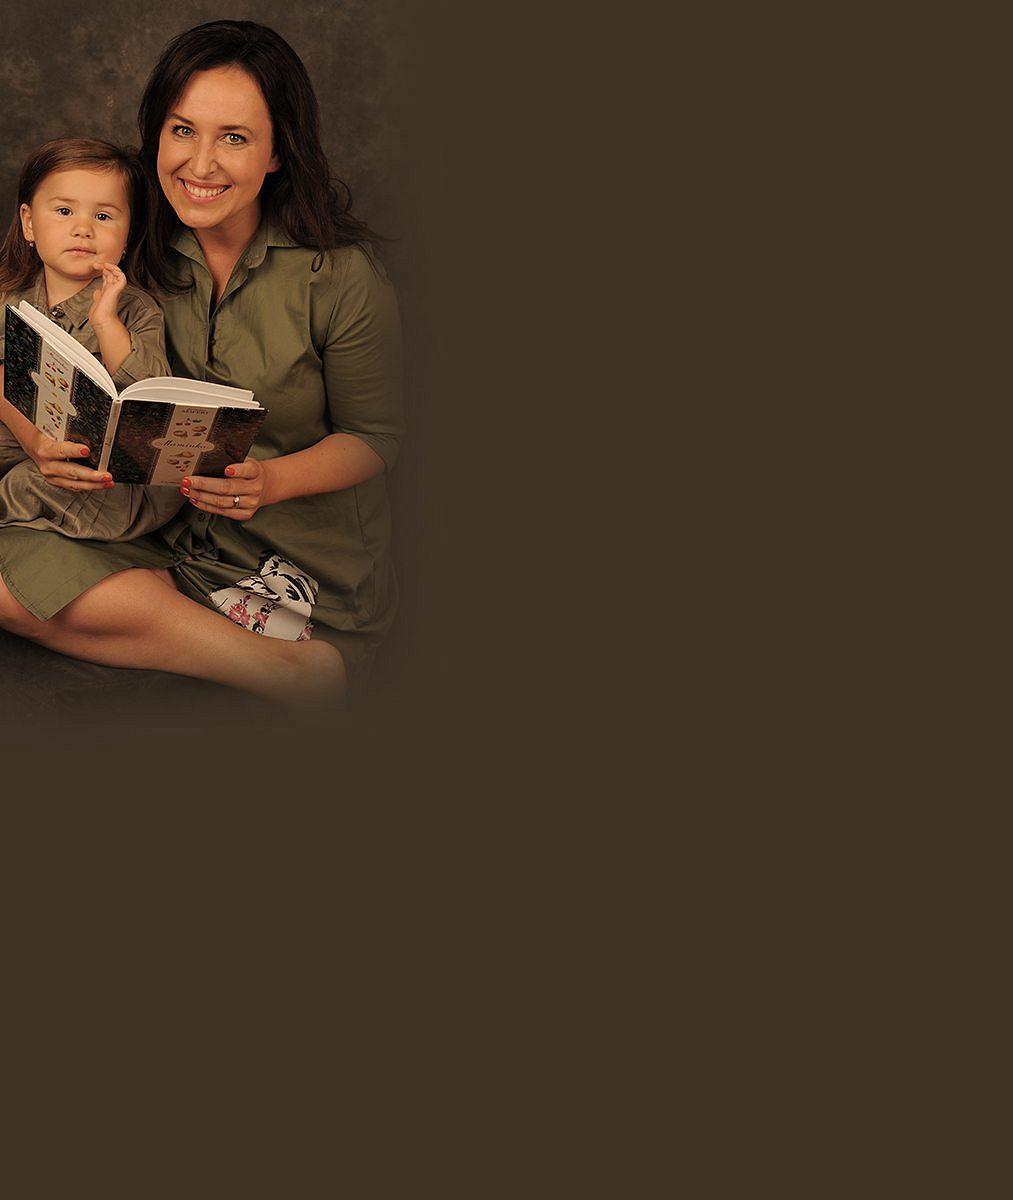 Jako panenka: Bývalá kolegyně Mareše aHezuckého se pochlubila roztomilou dceruškou